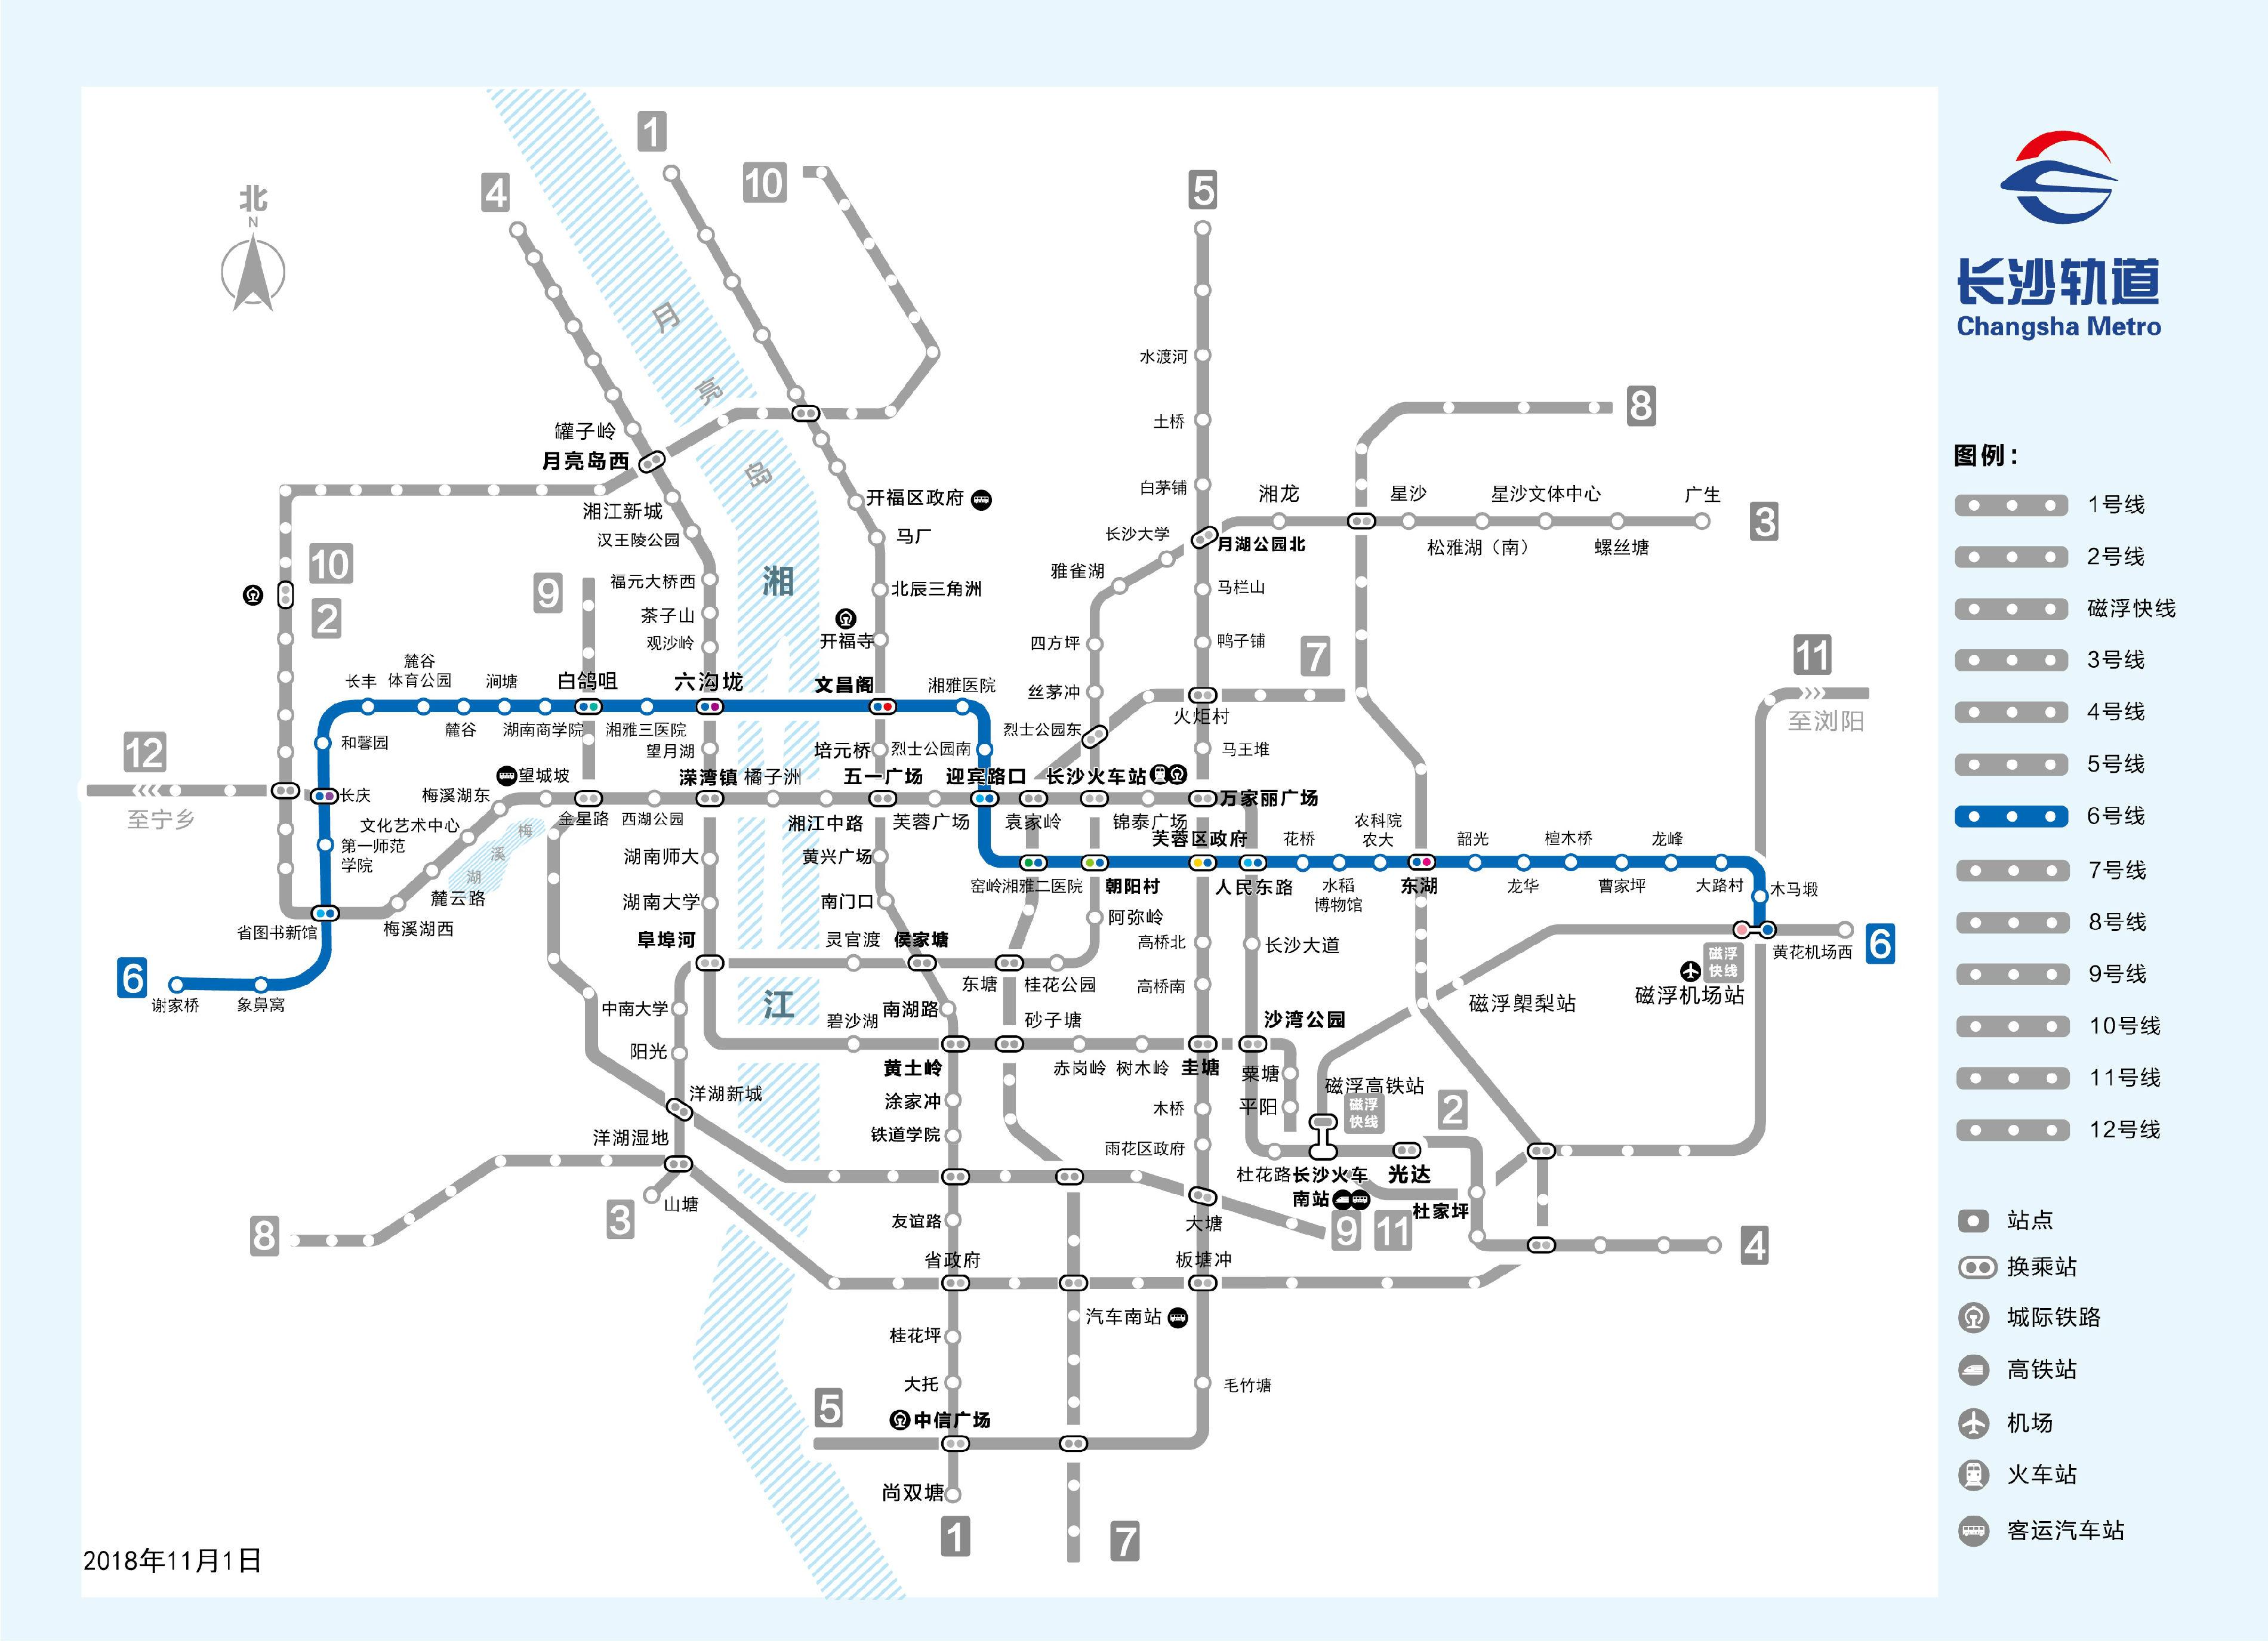 长沙地铁图最新版(高清)